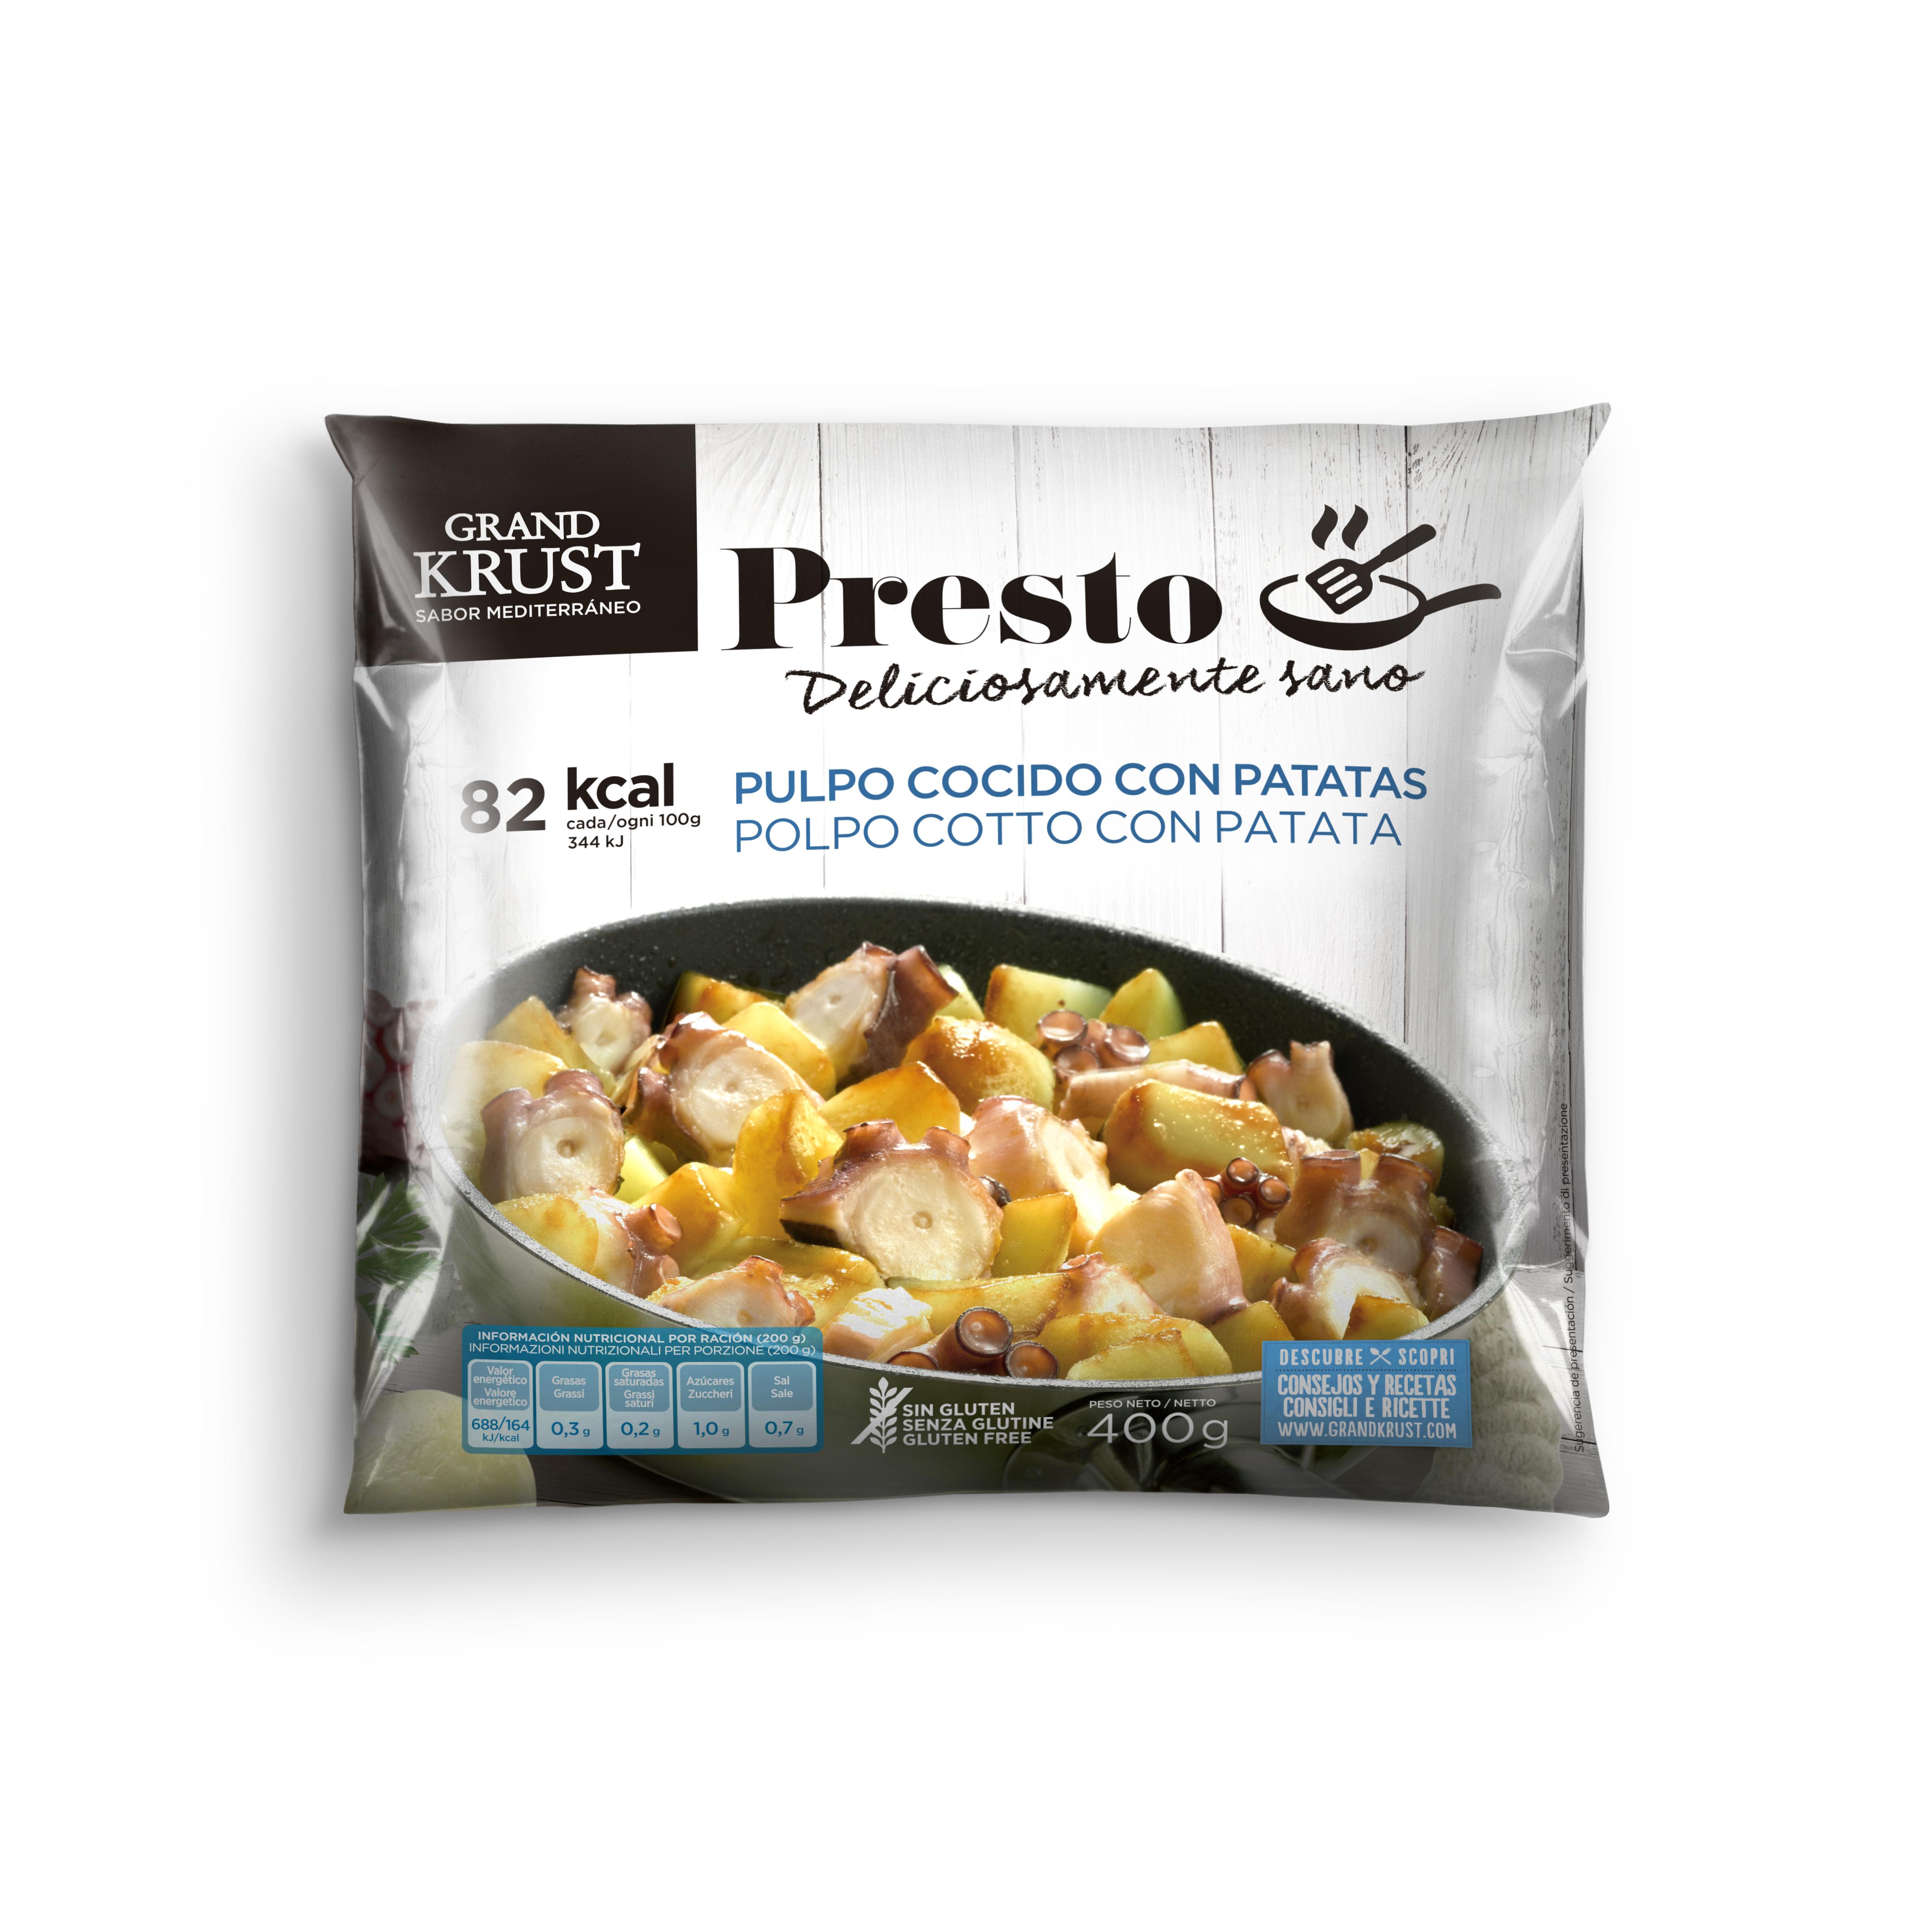 Grand Krust Presto pulpo con patatas Image